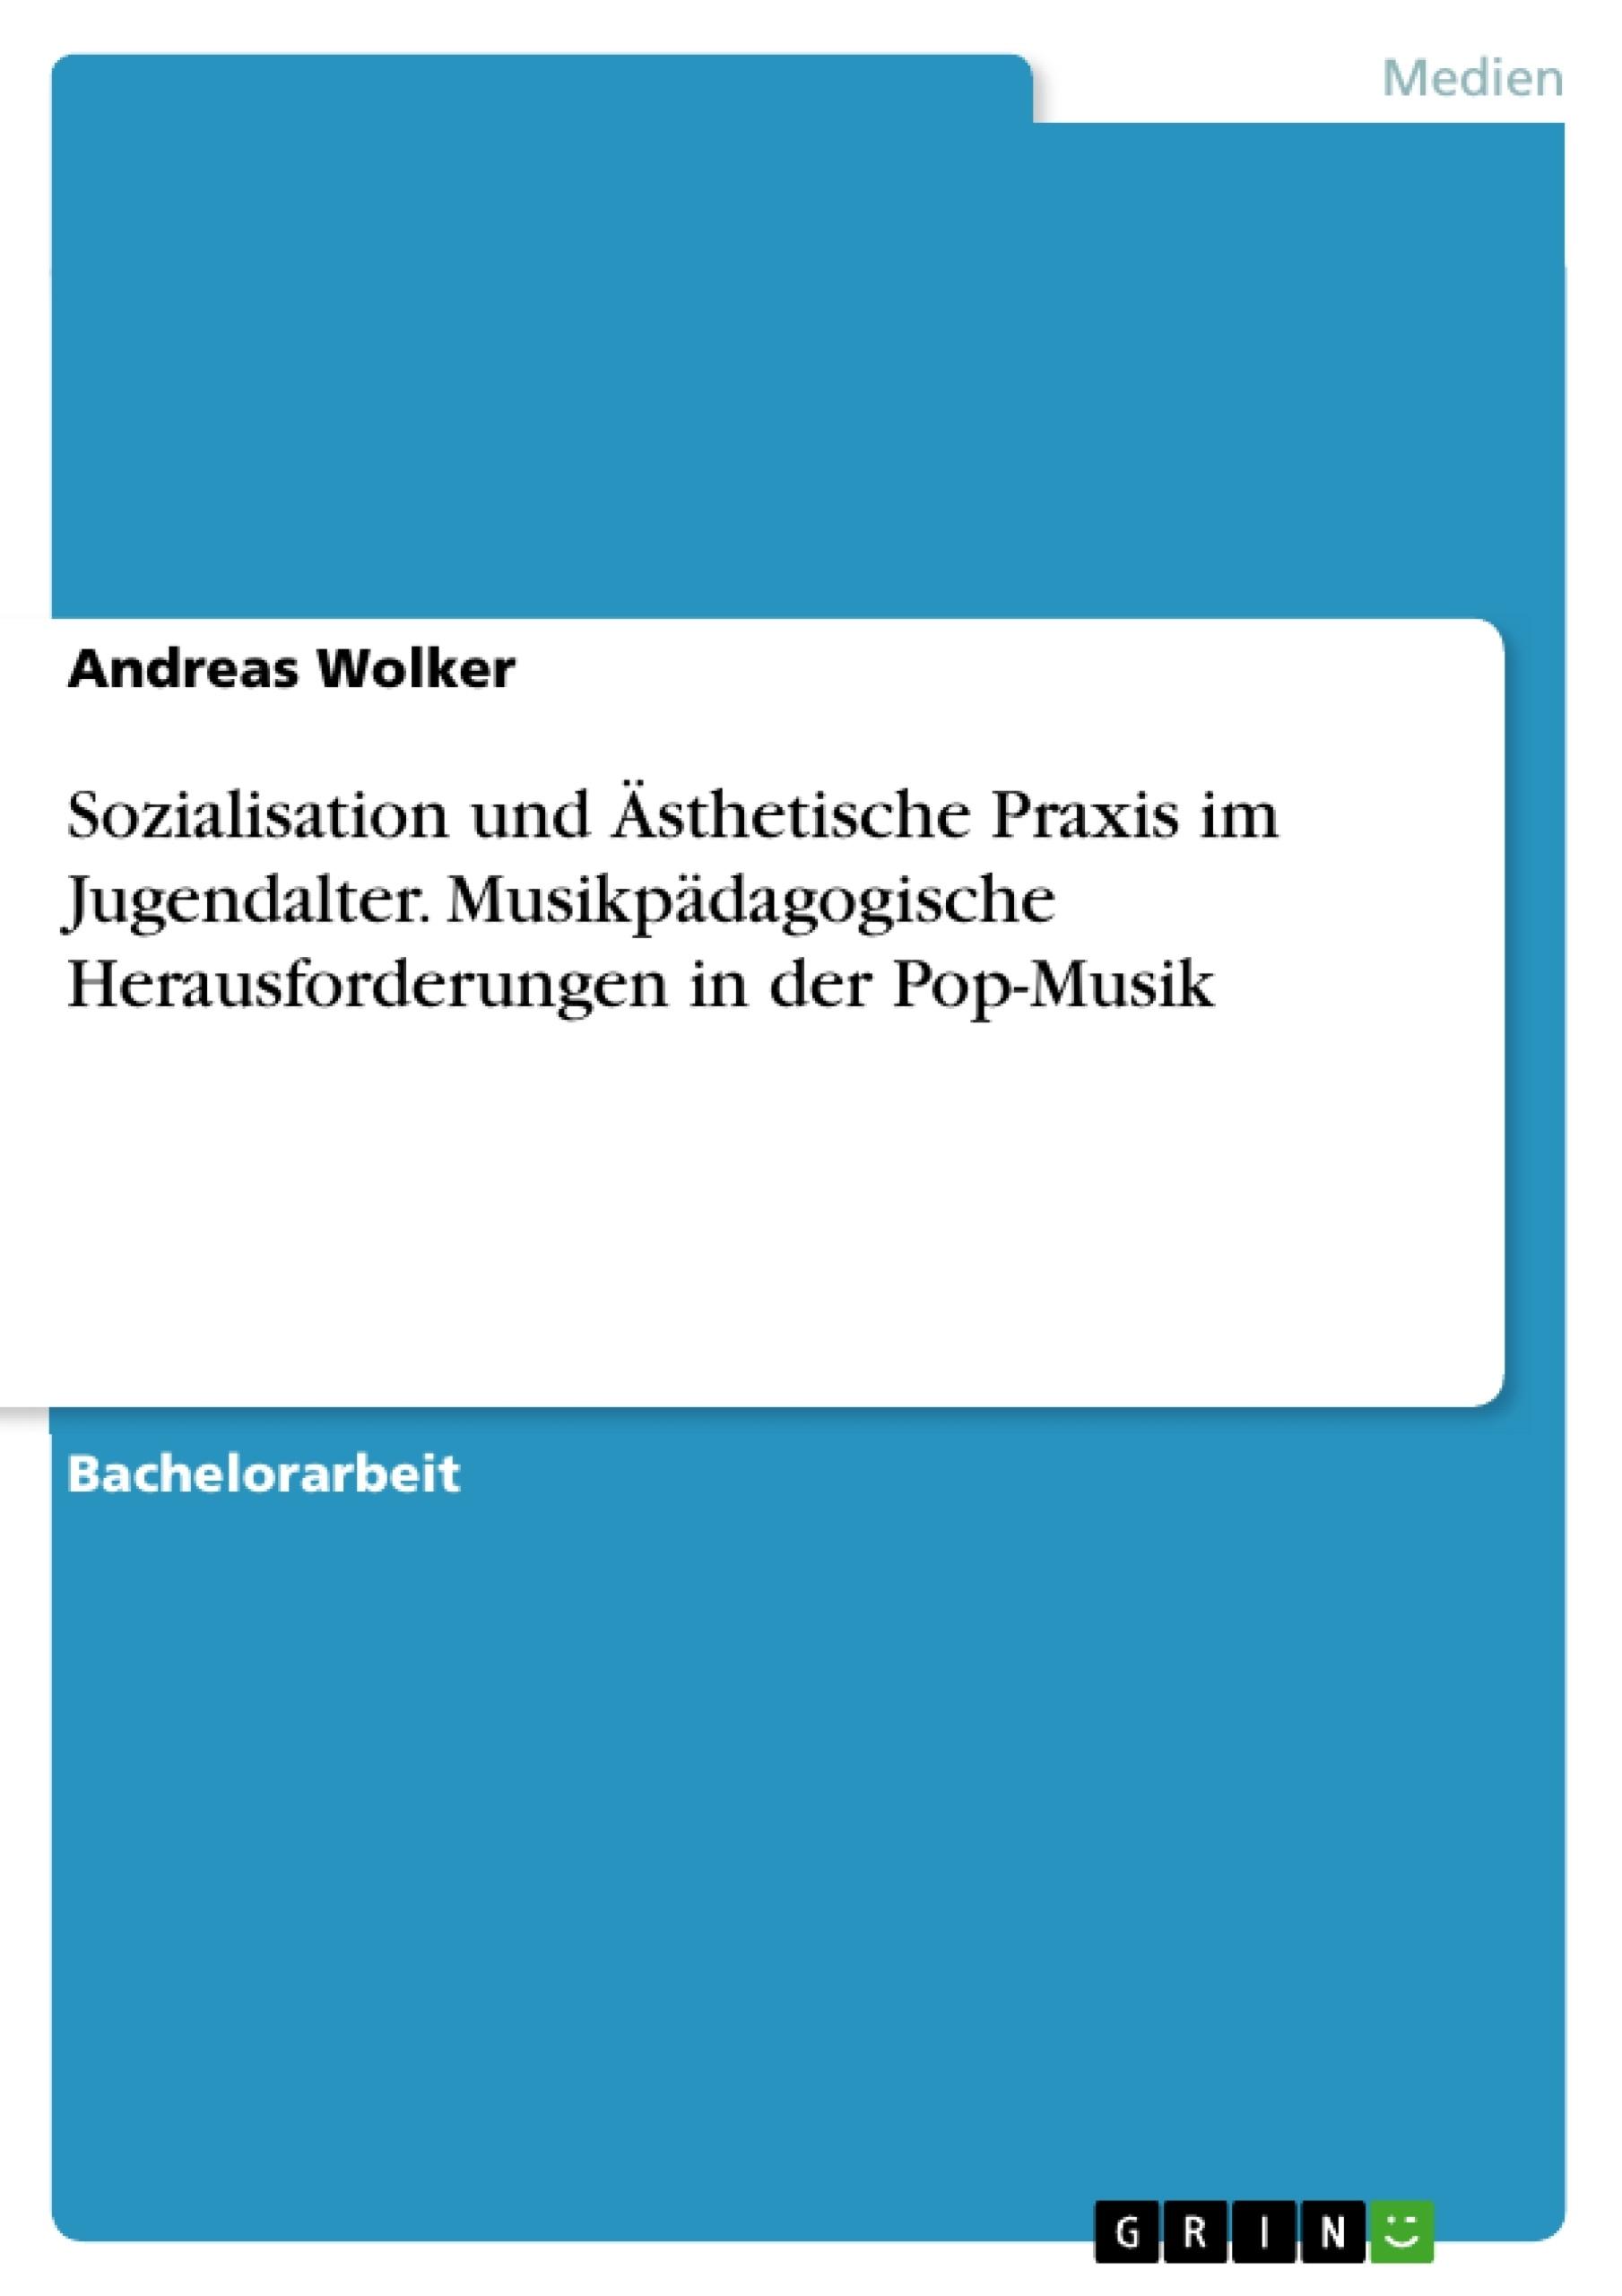 Titel: Sozialisation und Ästhetische Praxis im Jugendalter. Musikpädagogische Herausforderungen in der Pop-Musik